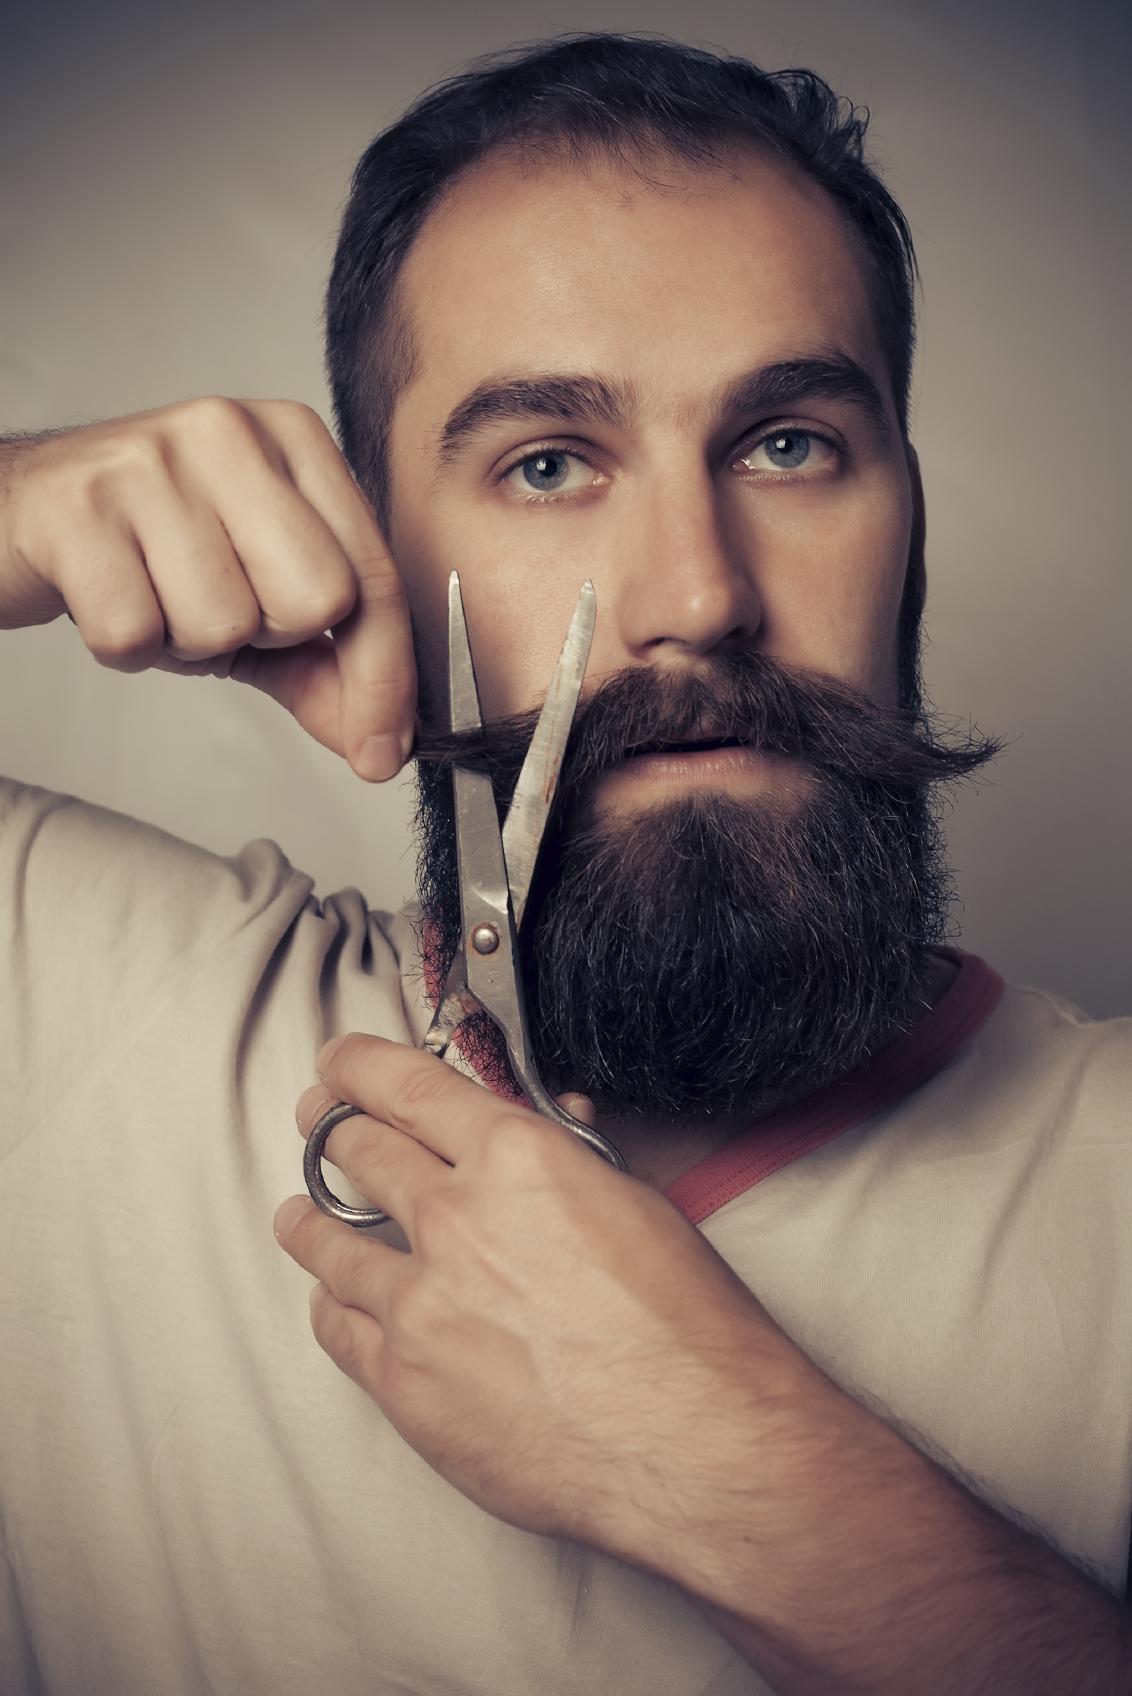 El manual definitivo para una barba perfecta - Univision 25e7765ffeec